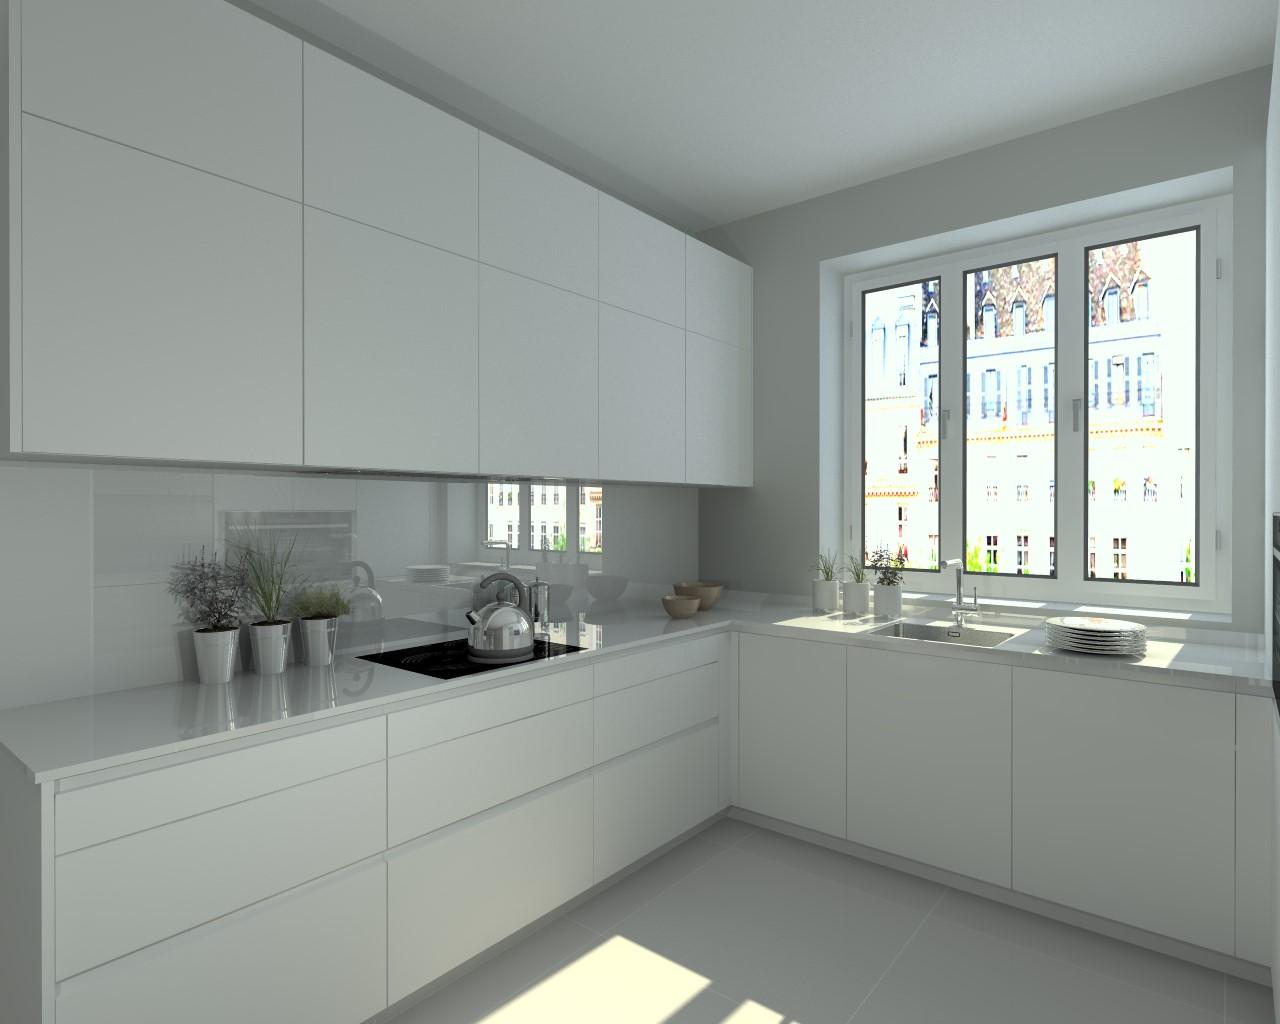 Aravaca cocina santos modelo line e blanco encimera for Muebles de cocina precios y modelos